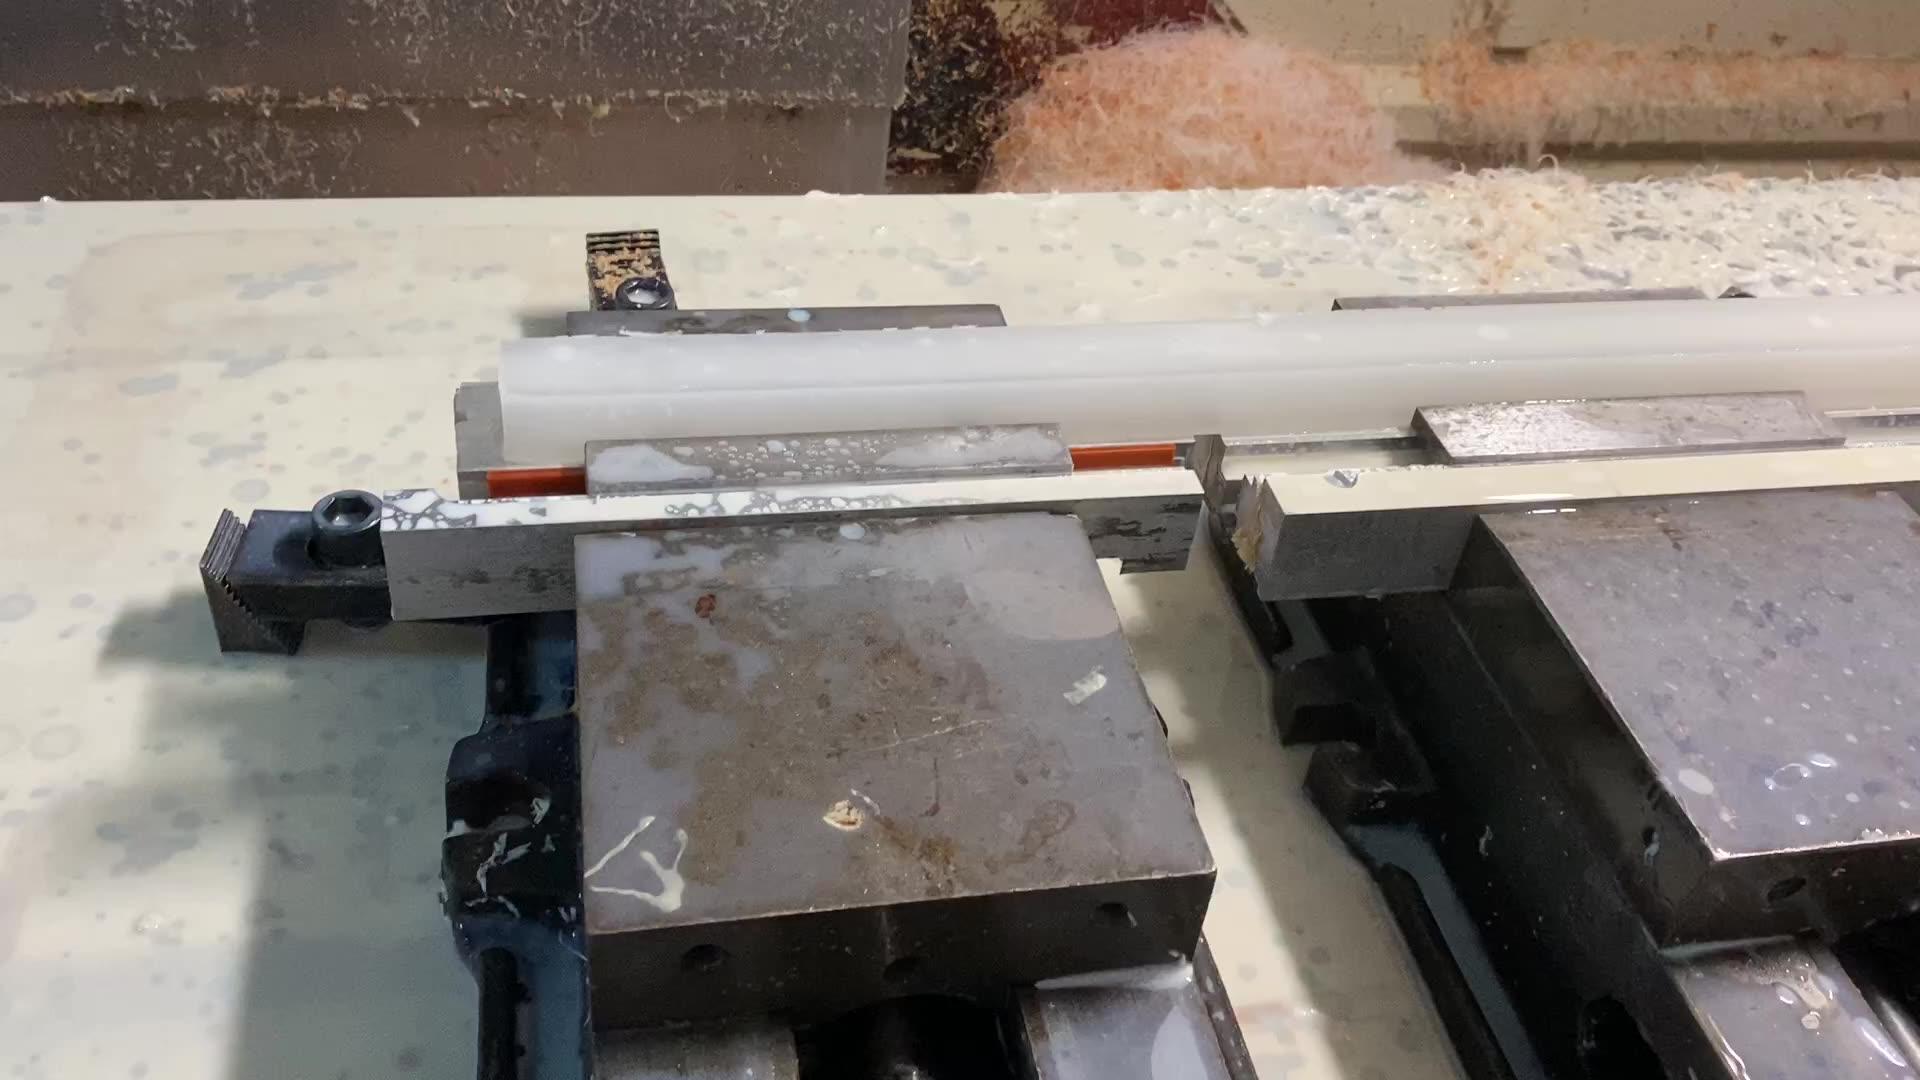 Schnelle lieferung Professional Factory Custom hochwertigen wasserdicht PP Zubehör CNC Kunststoff Teile